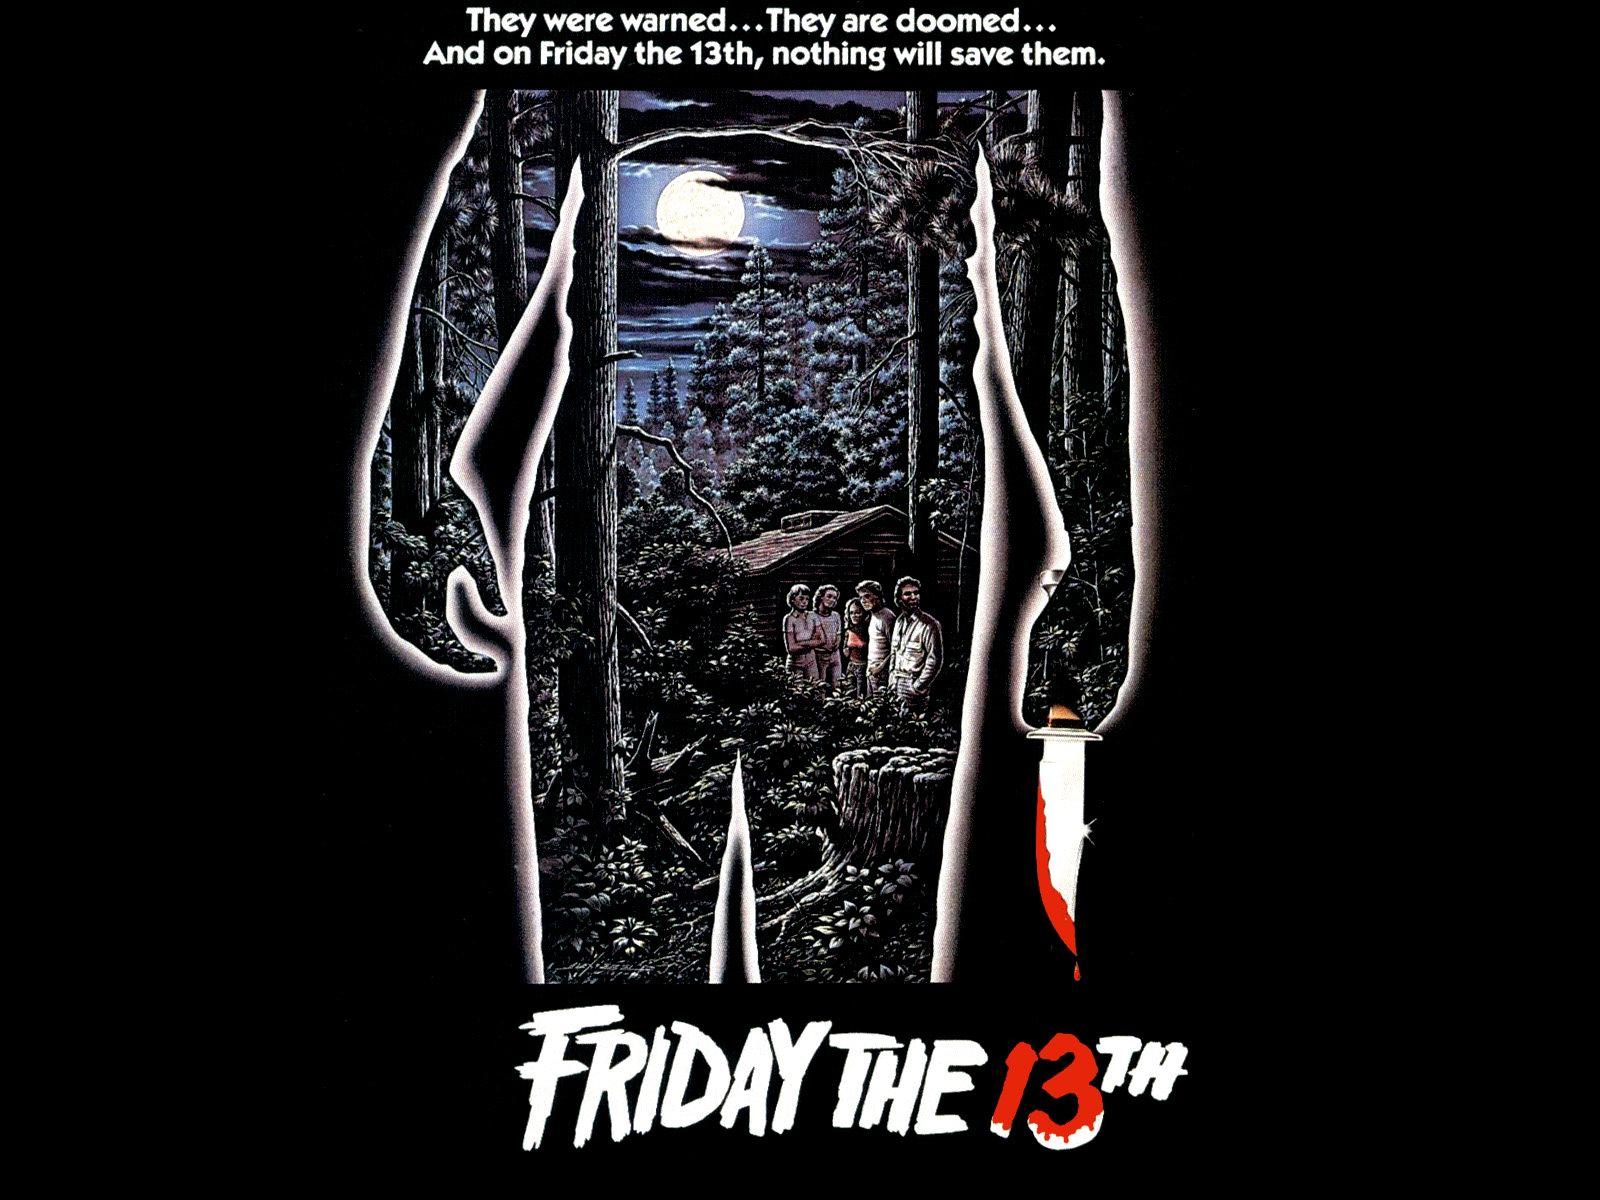 Friday the 13th | crashing nightingale